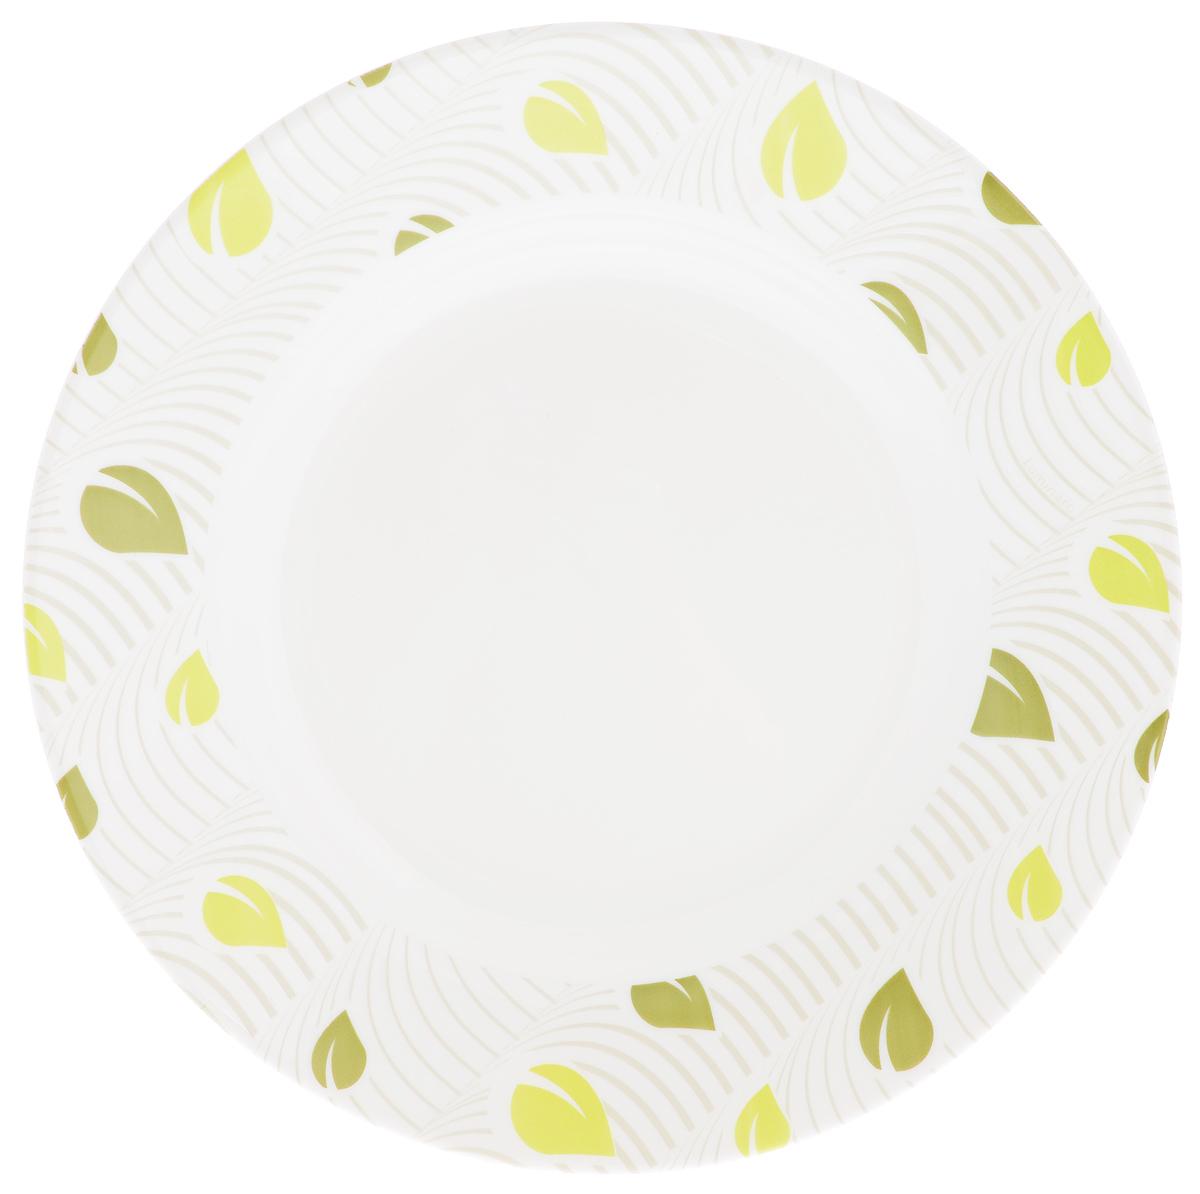 Тарелка глубокая Luminarc Amely, диаметр 22 см54 009312Глубокая тарелка Luminarc Amely выполнена из ударопрочного стекла. Она прекрасно впишется в интерьер вашей кухни и станет достойным дополнением к кухонному инвентарю. Тарелка Luminarc Amely подчеркнет прекрасный вкус хозяйки и станет отличным подарком.